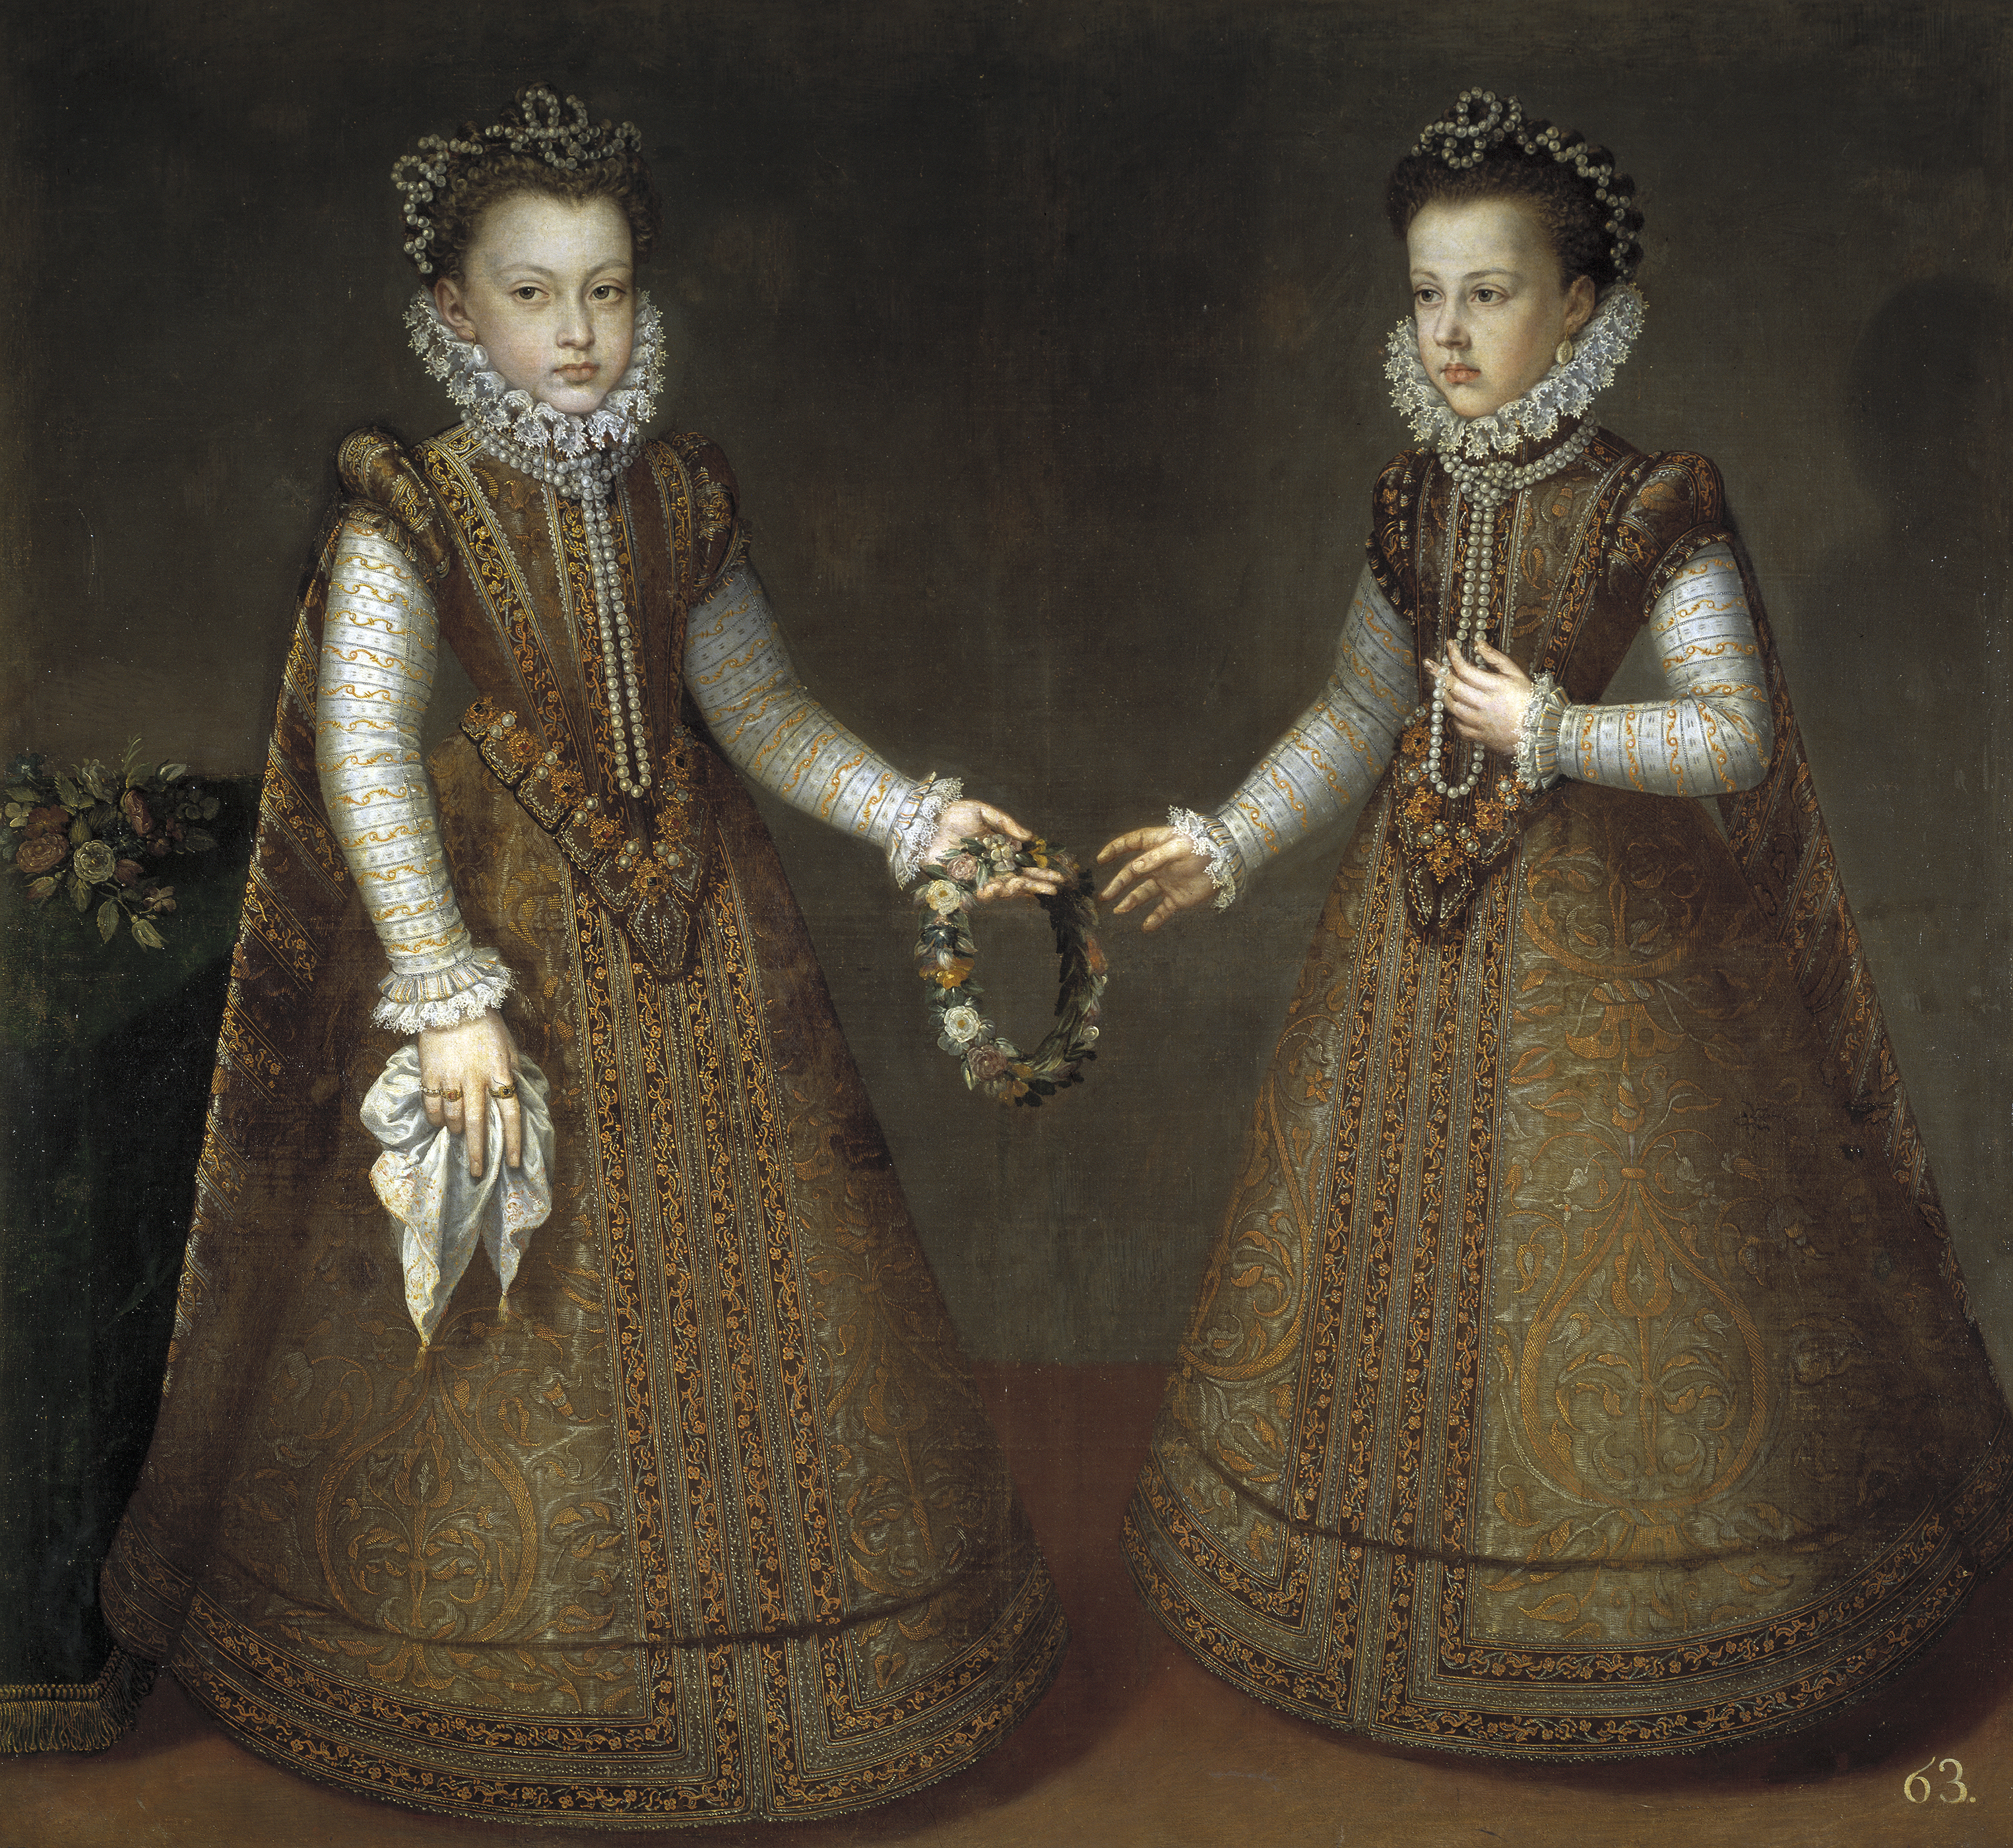 Alonso Sánchez Coello: La Infantas Isabel Clara Eugenia y Catalina Micaela, 1575. Museo Nacional del Prado, Madrid.